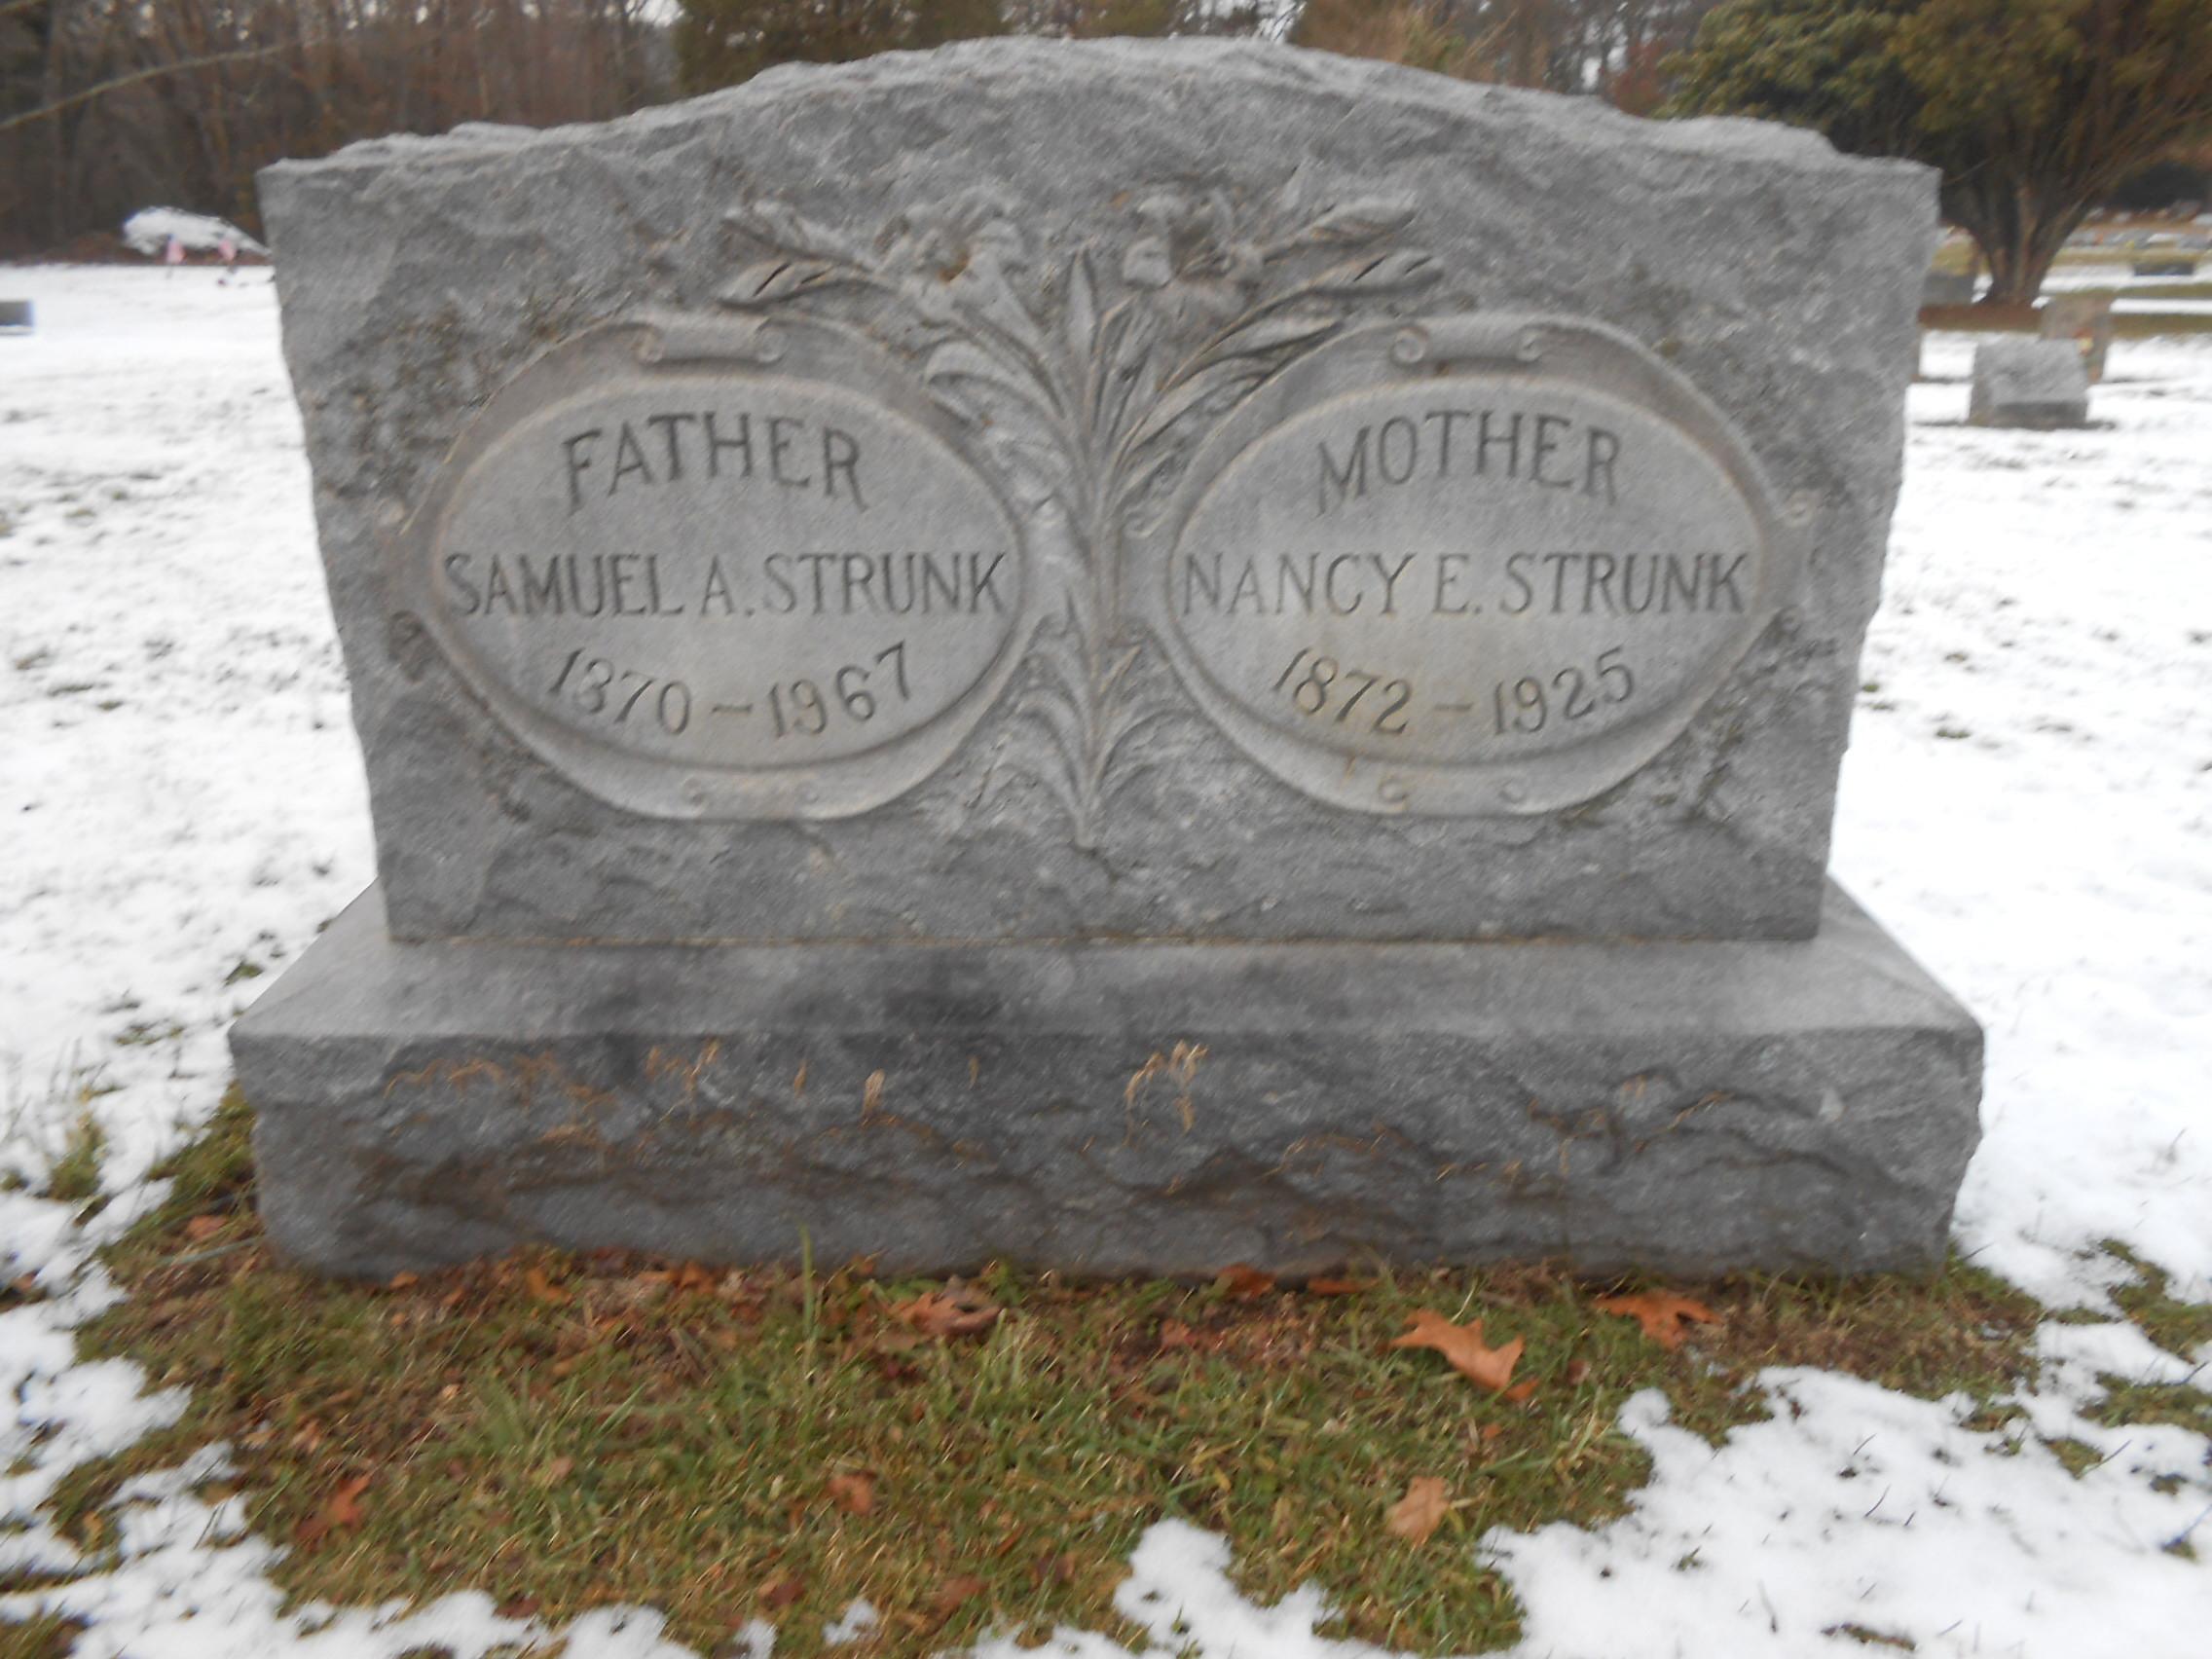 Samuel A Strunk